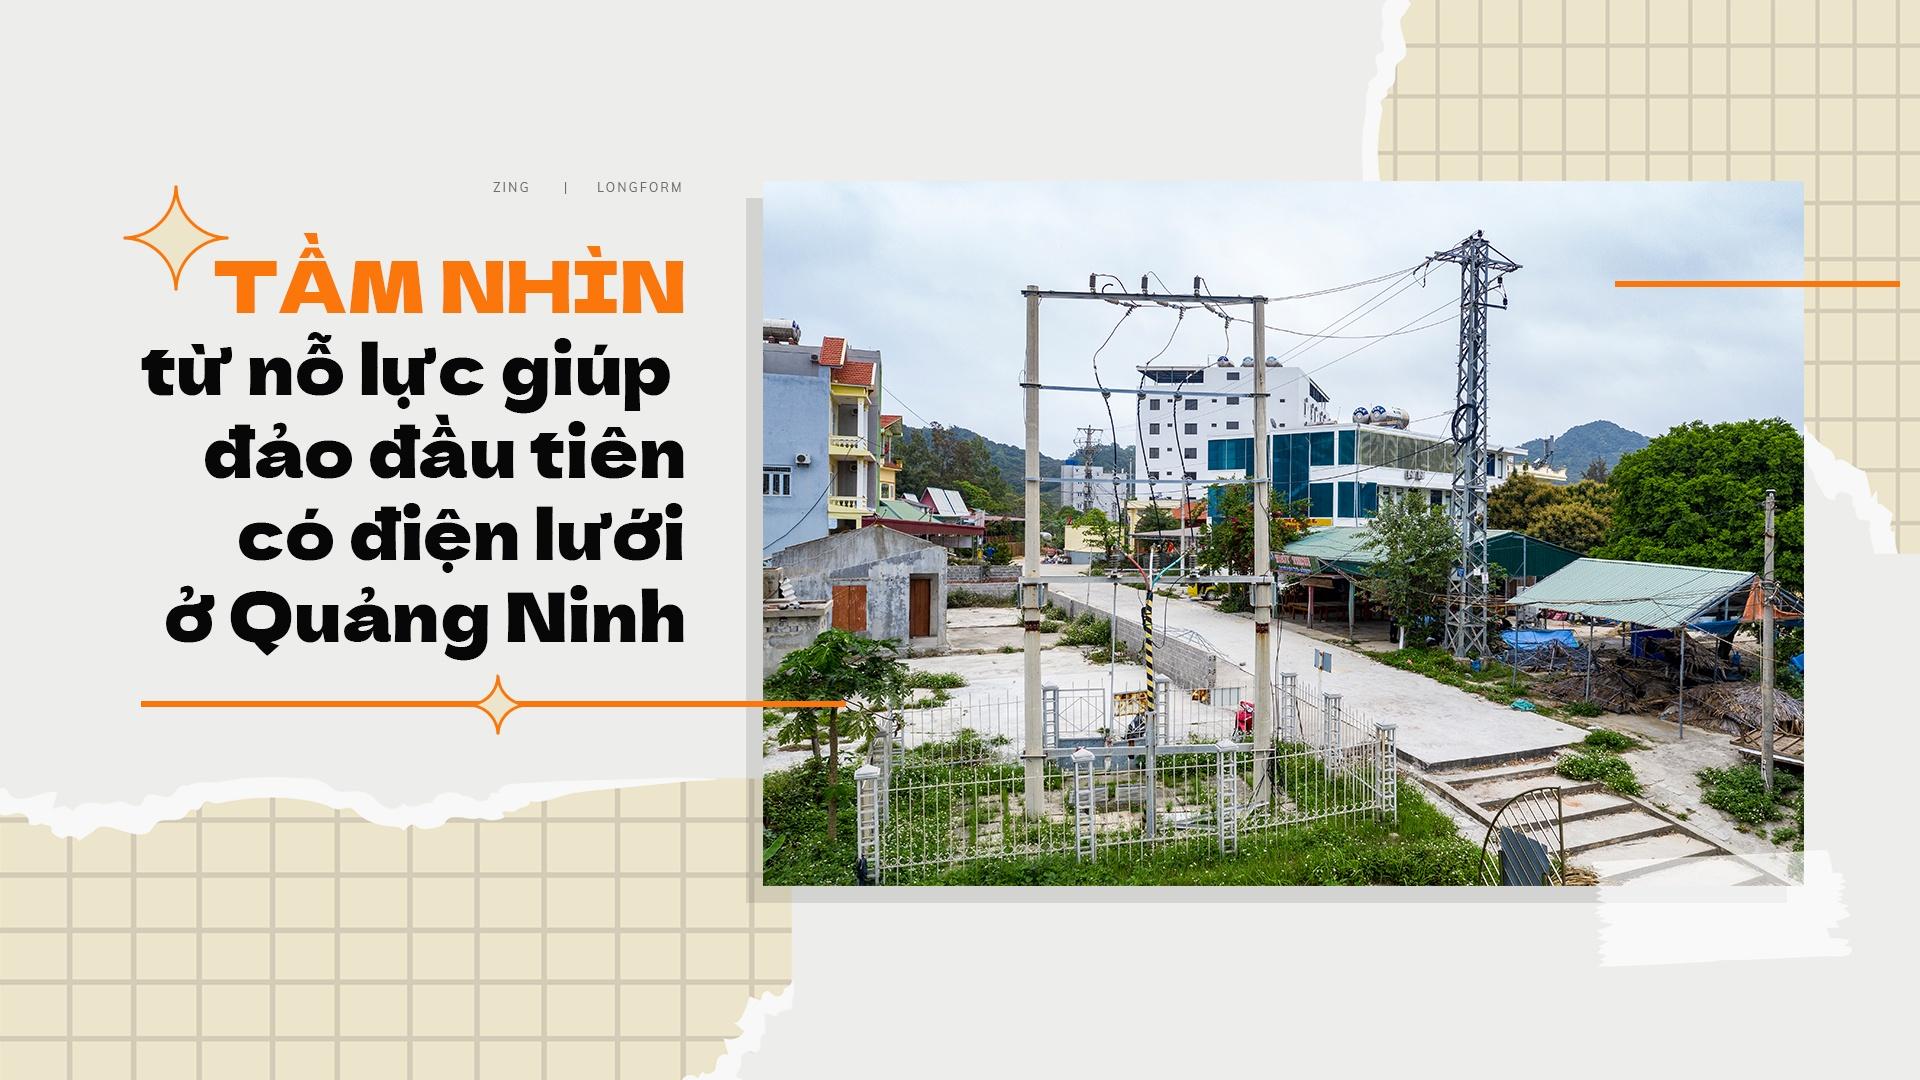 - Cover_1_ - Tầm nhìn từ việc đưa điện lưới ra đảo đầu tiên ở Việt Nam